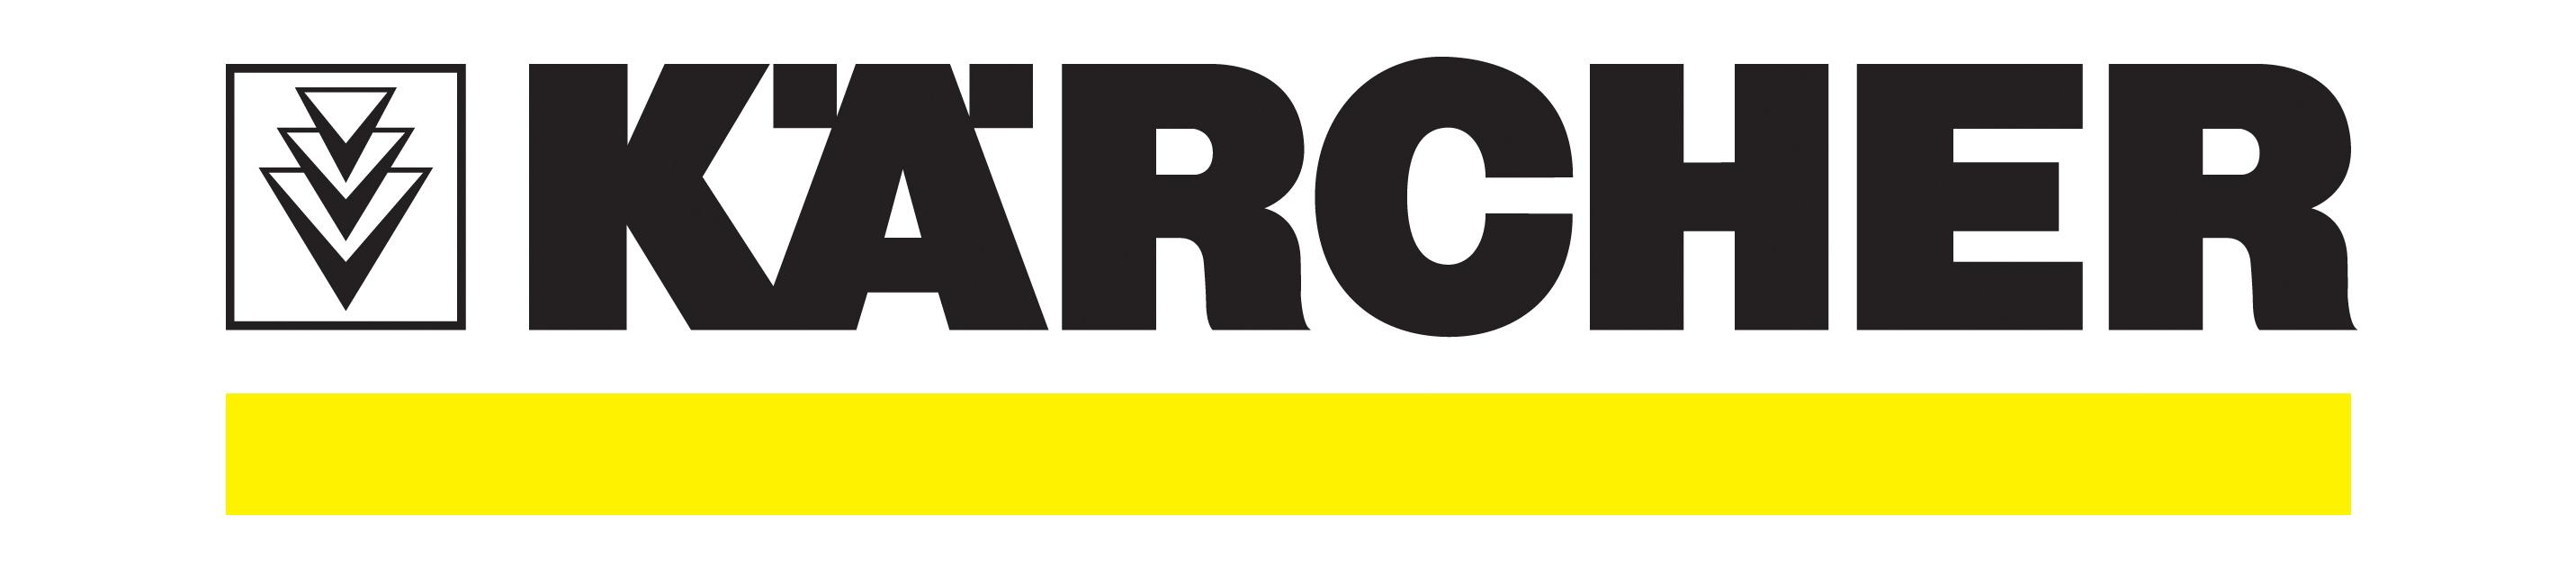 Karcher Logo Wallpaper